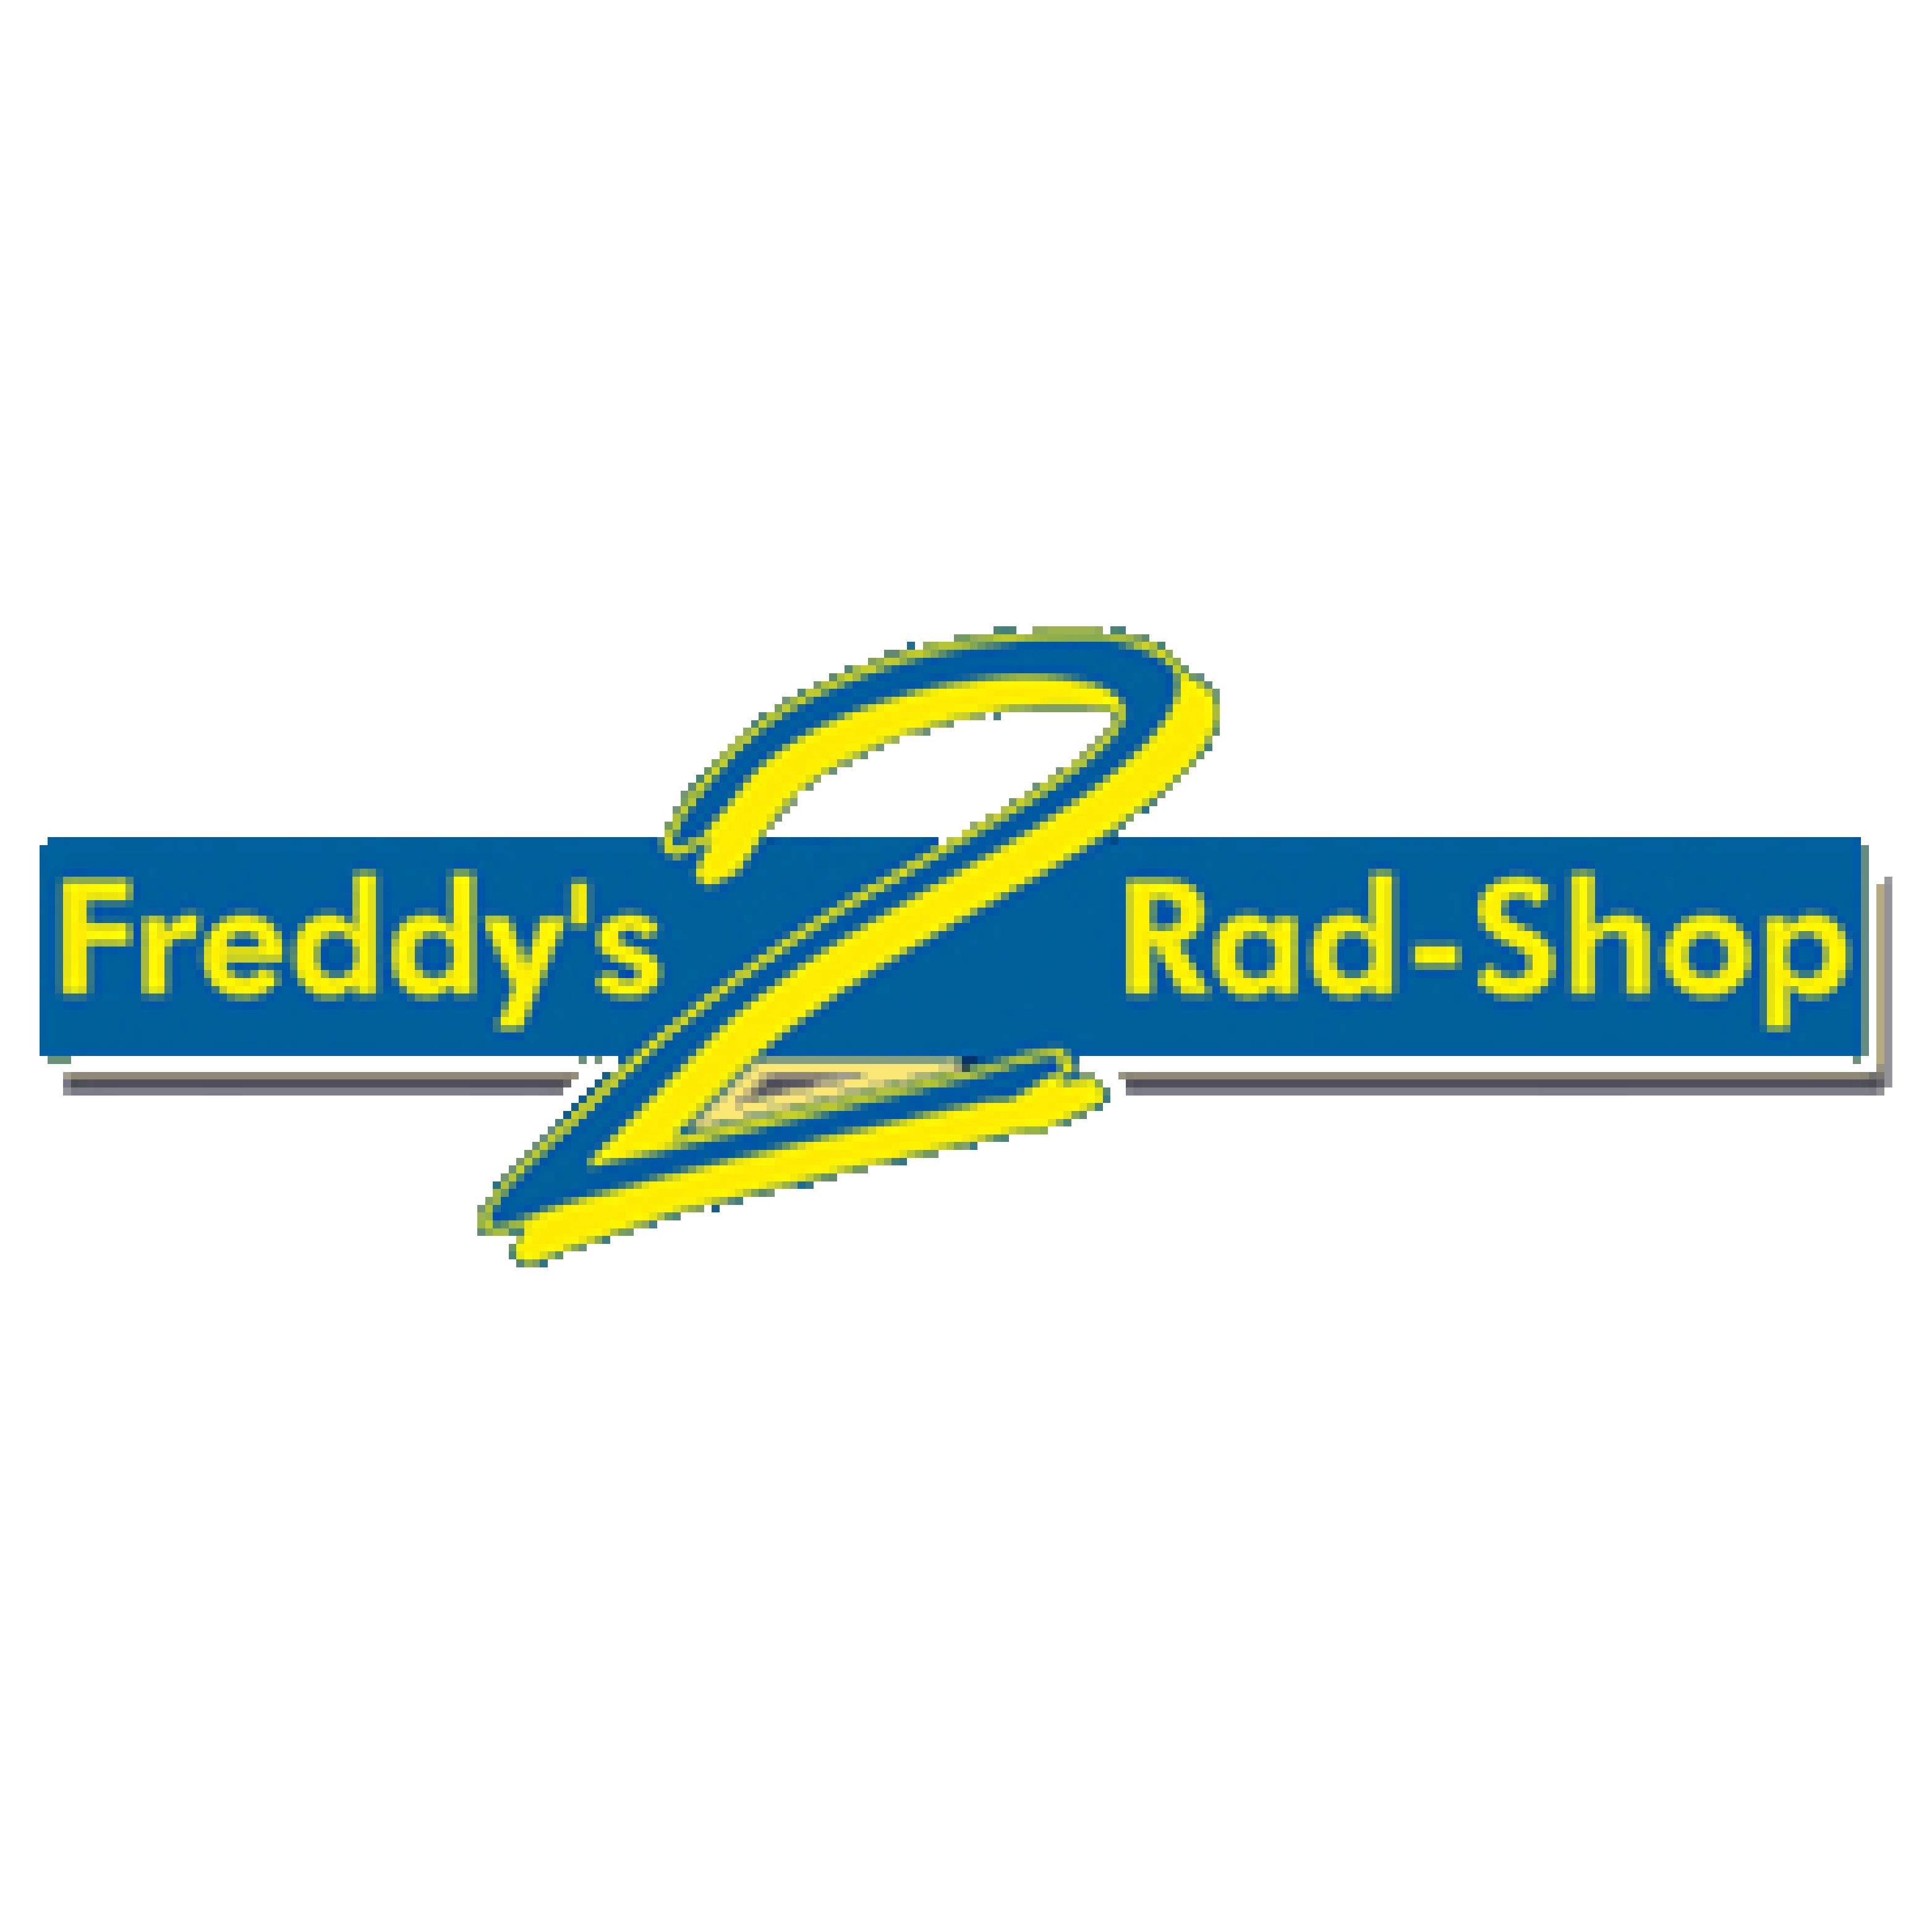 Freddy's 2Rad-Shop